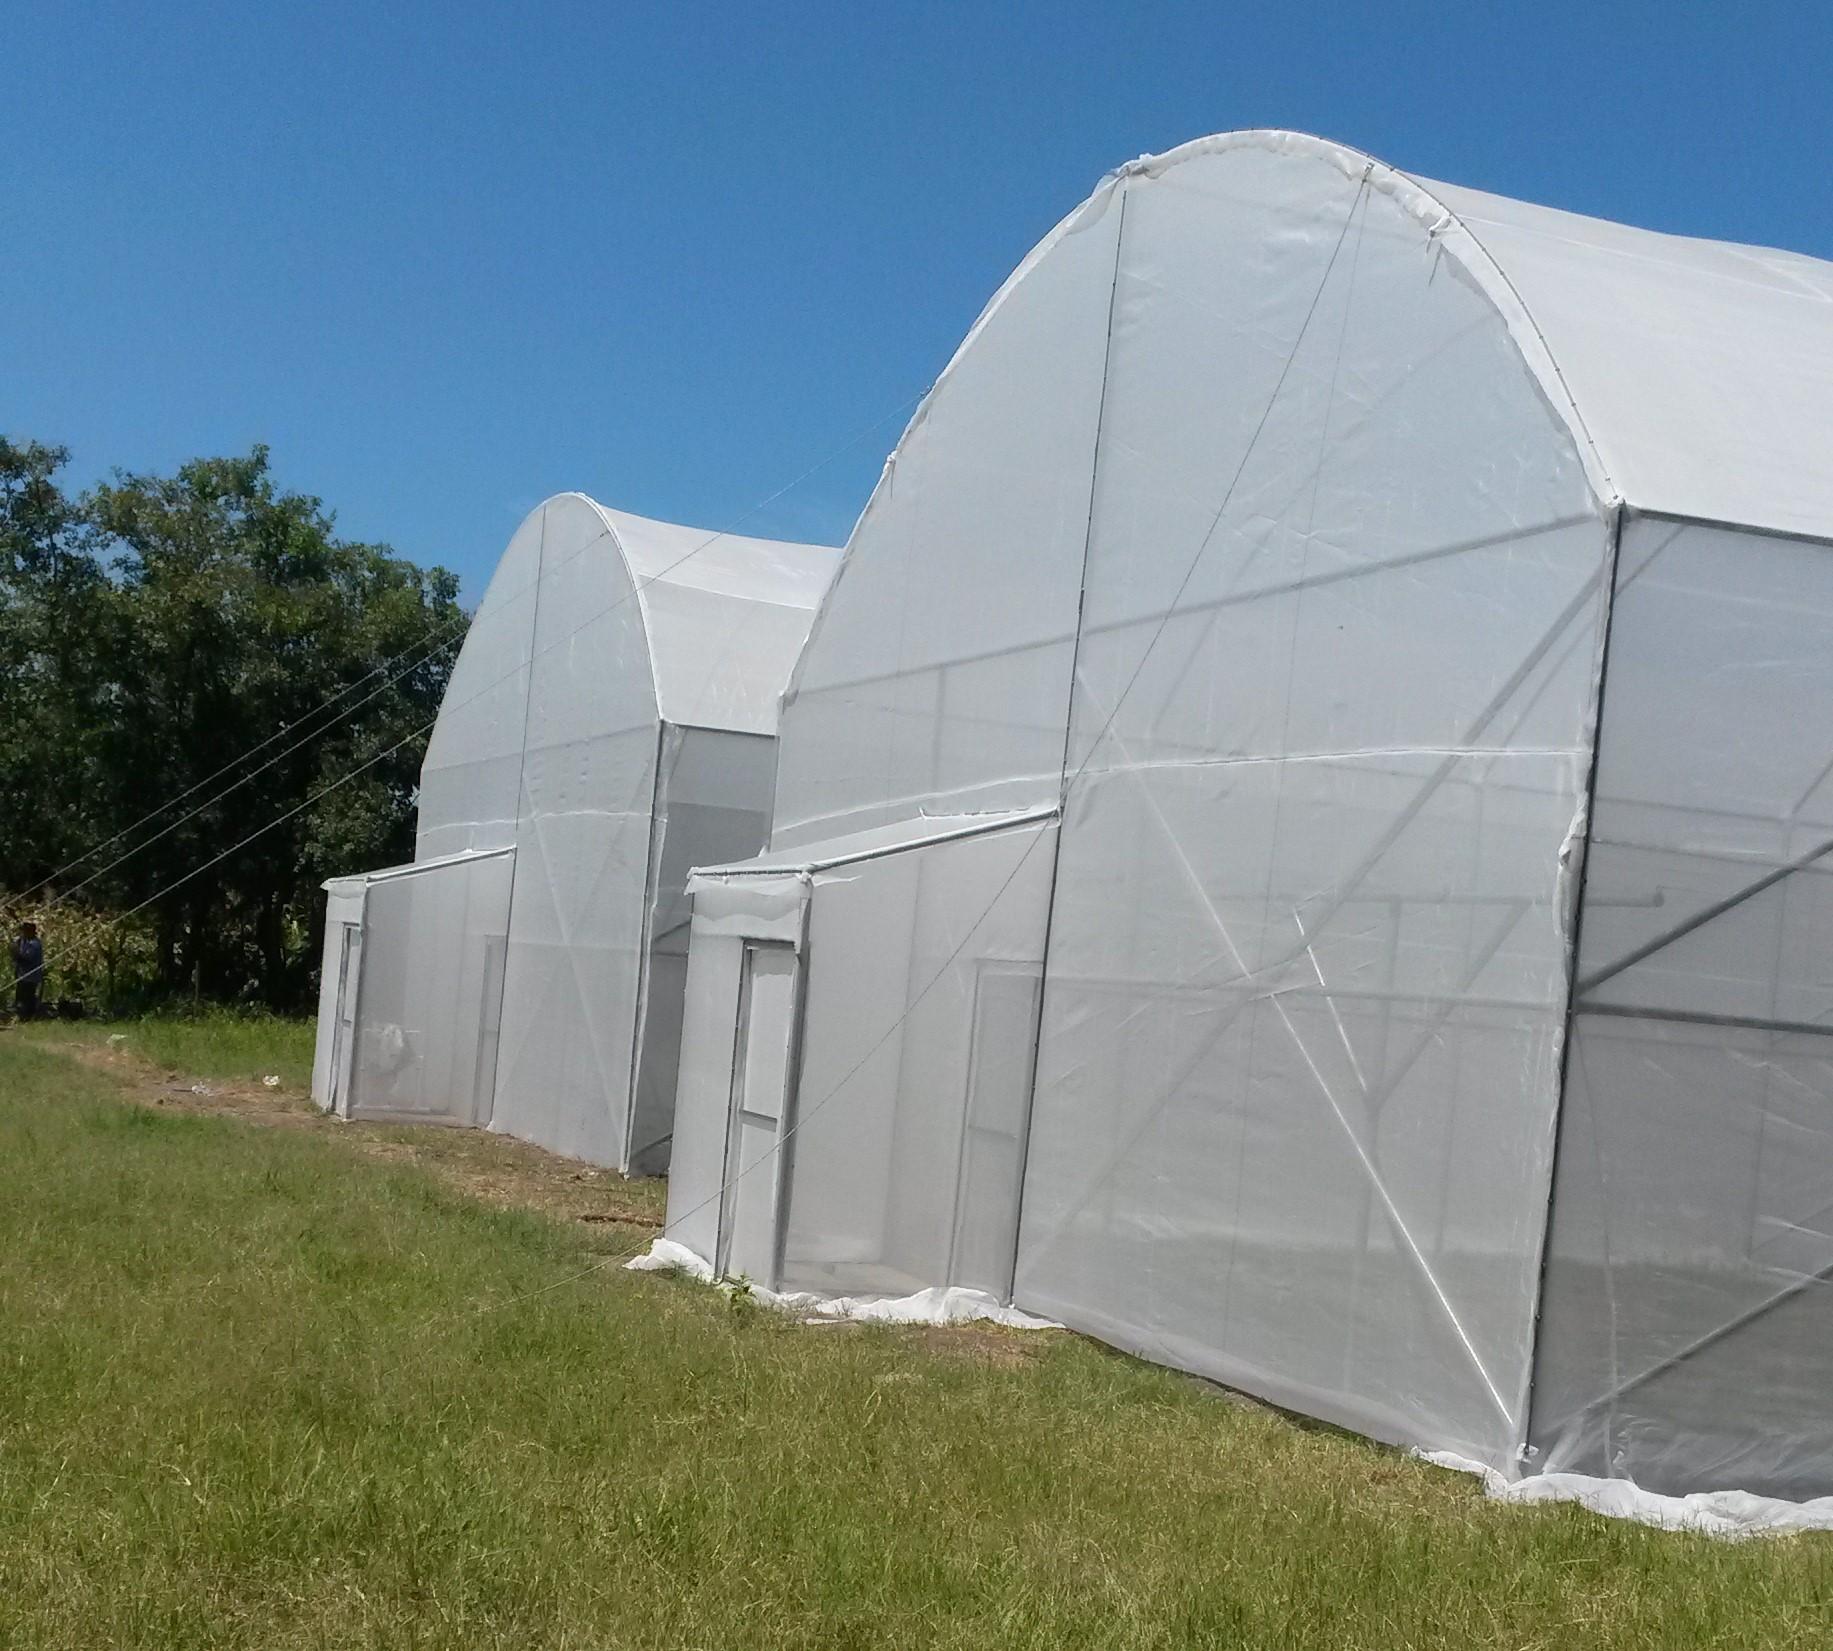 Construccion de invernaderos y casas malla en el salvador for Malla de construccion